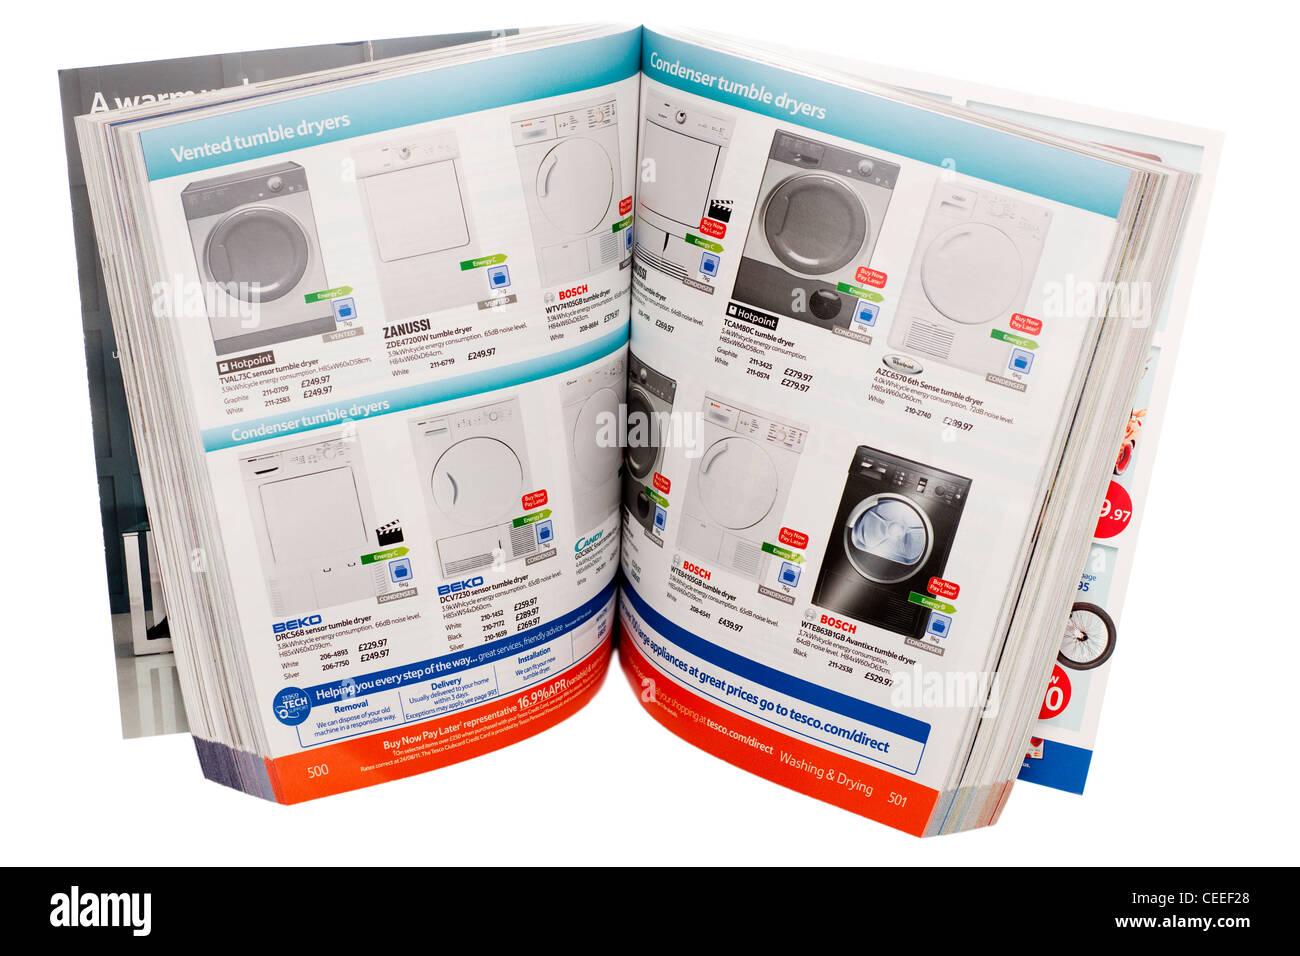 Aprire un catalogo Tesco magazine Immagini Stock